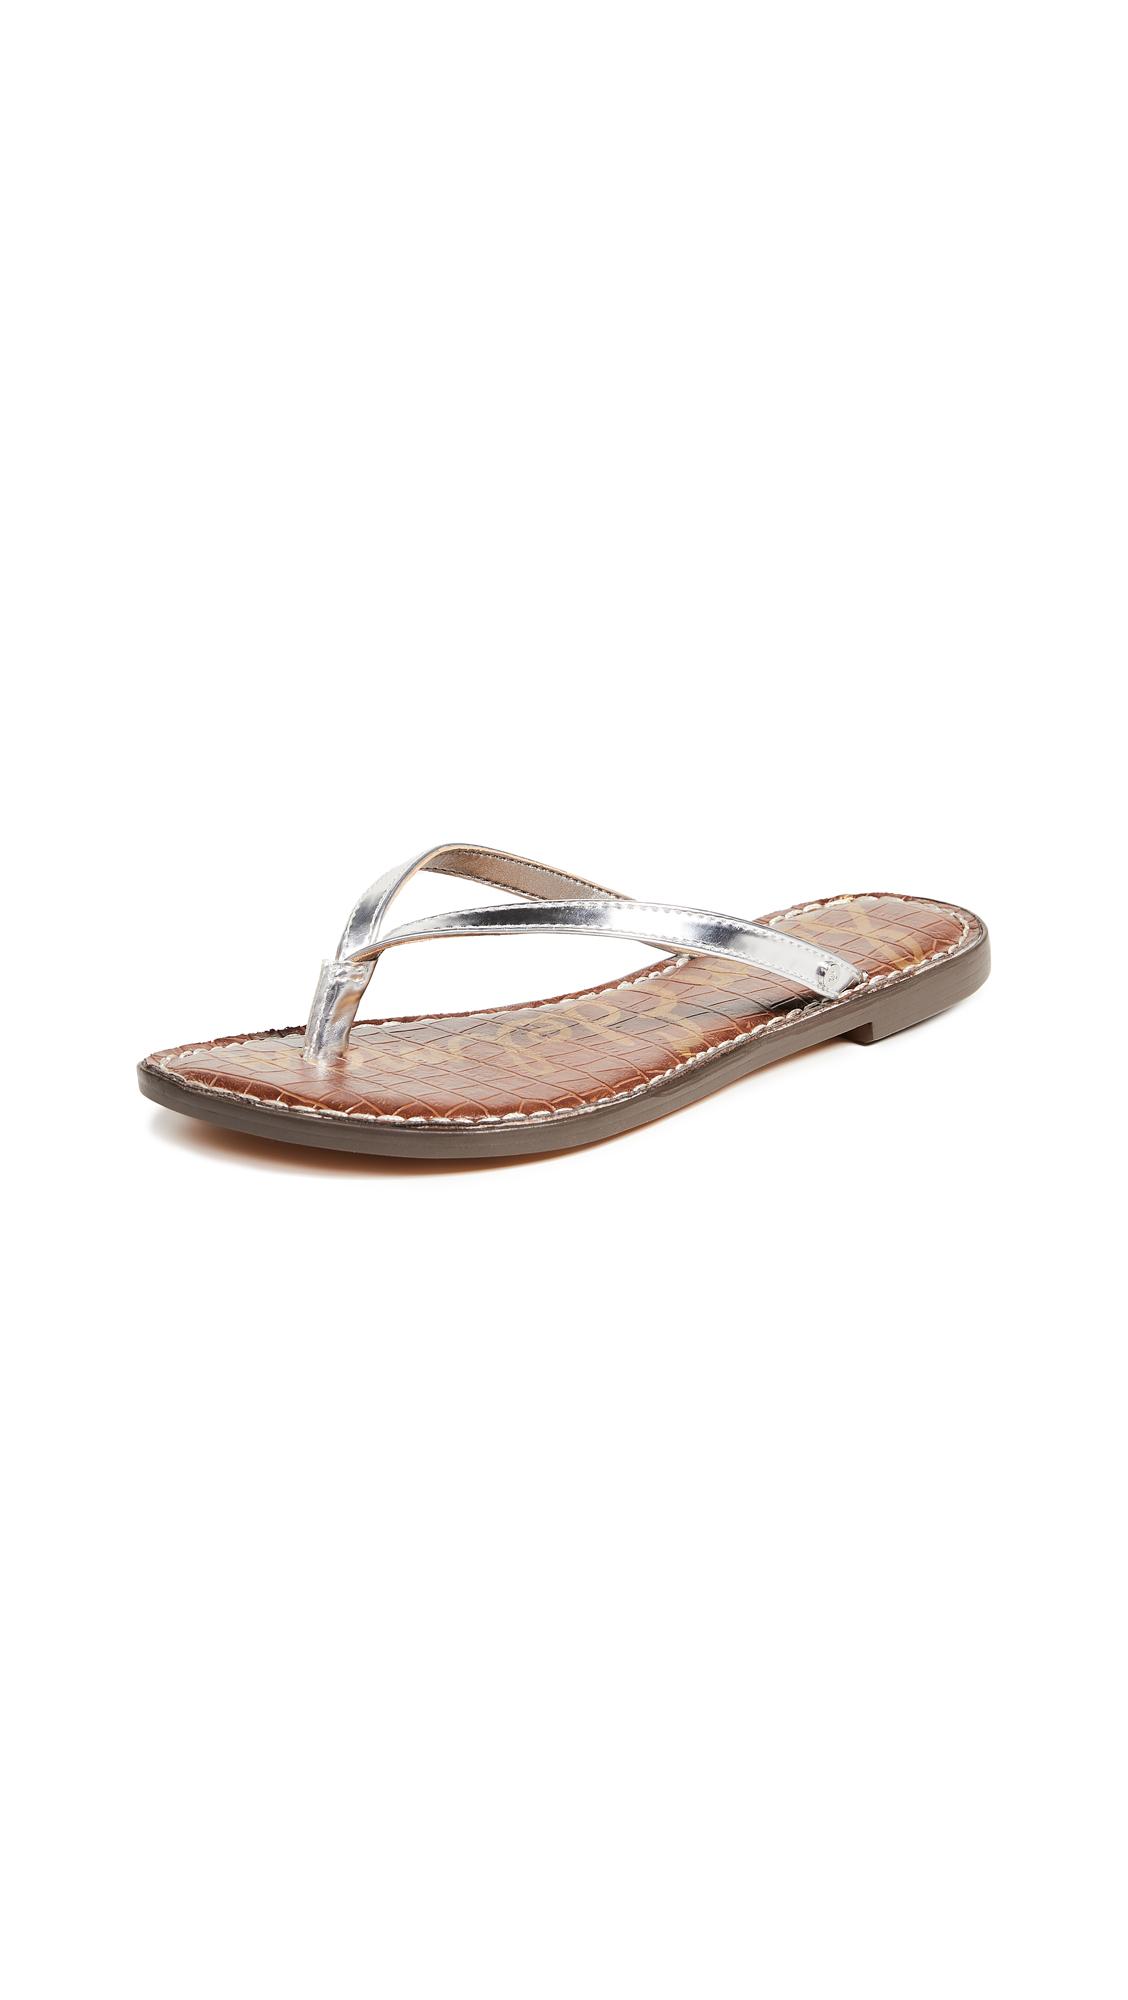 Sam Edelman Gracie Thong Sandals - Soft Silver